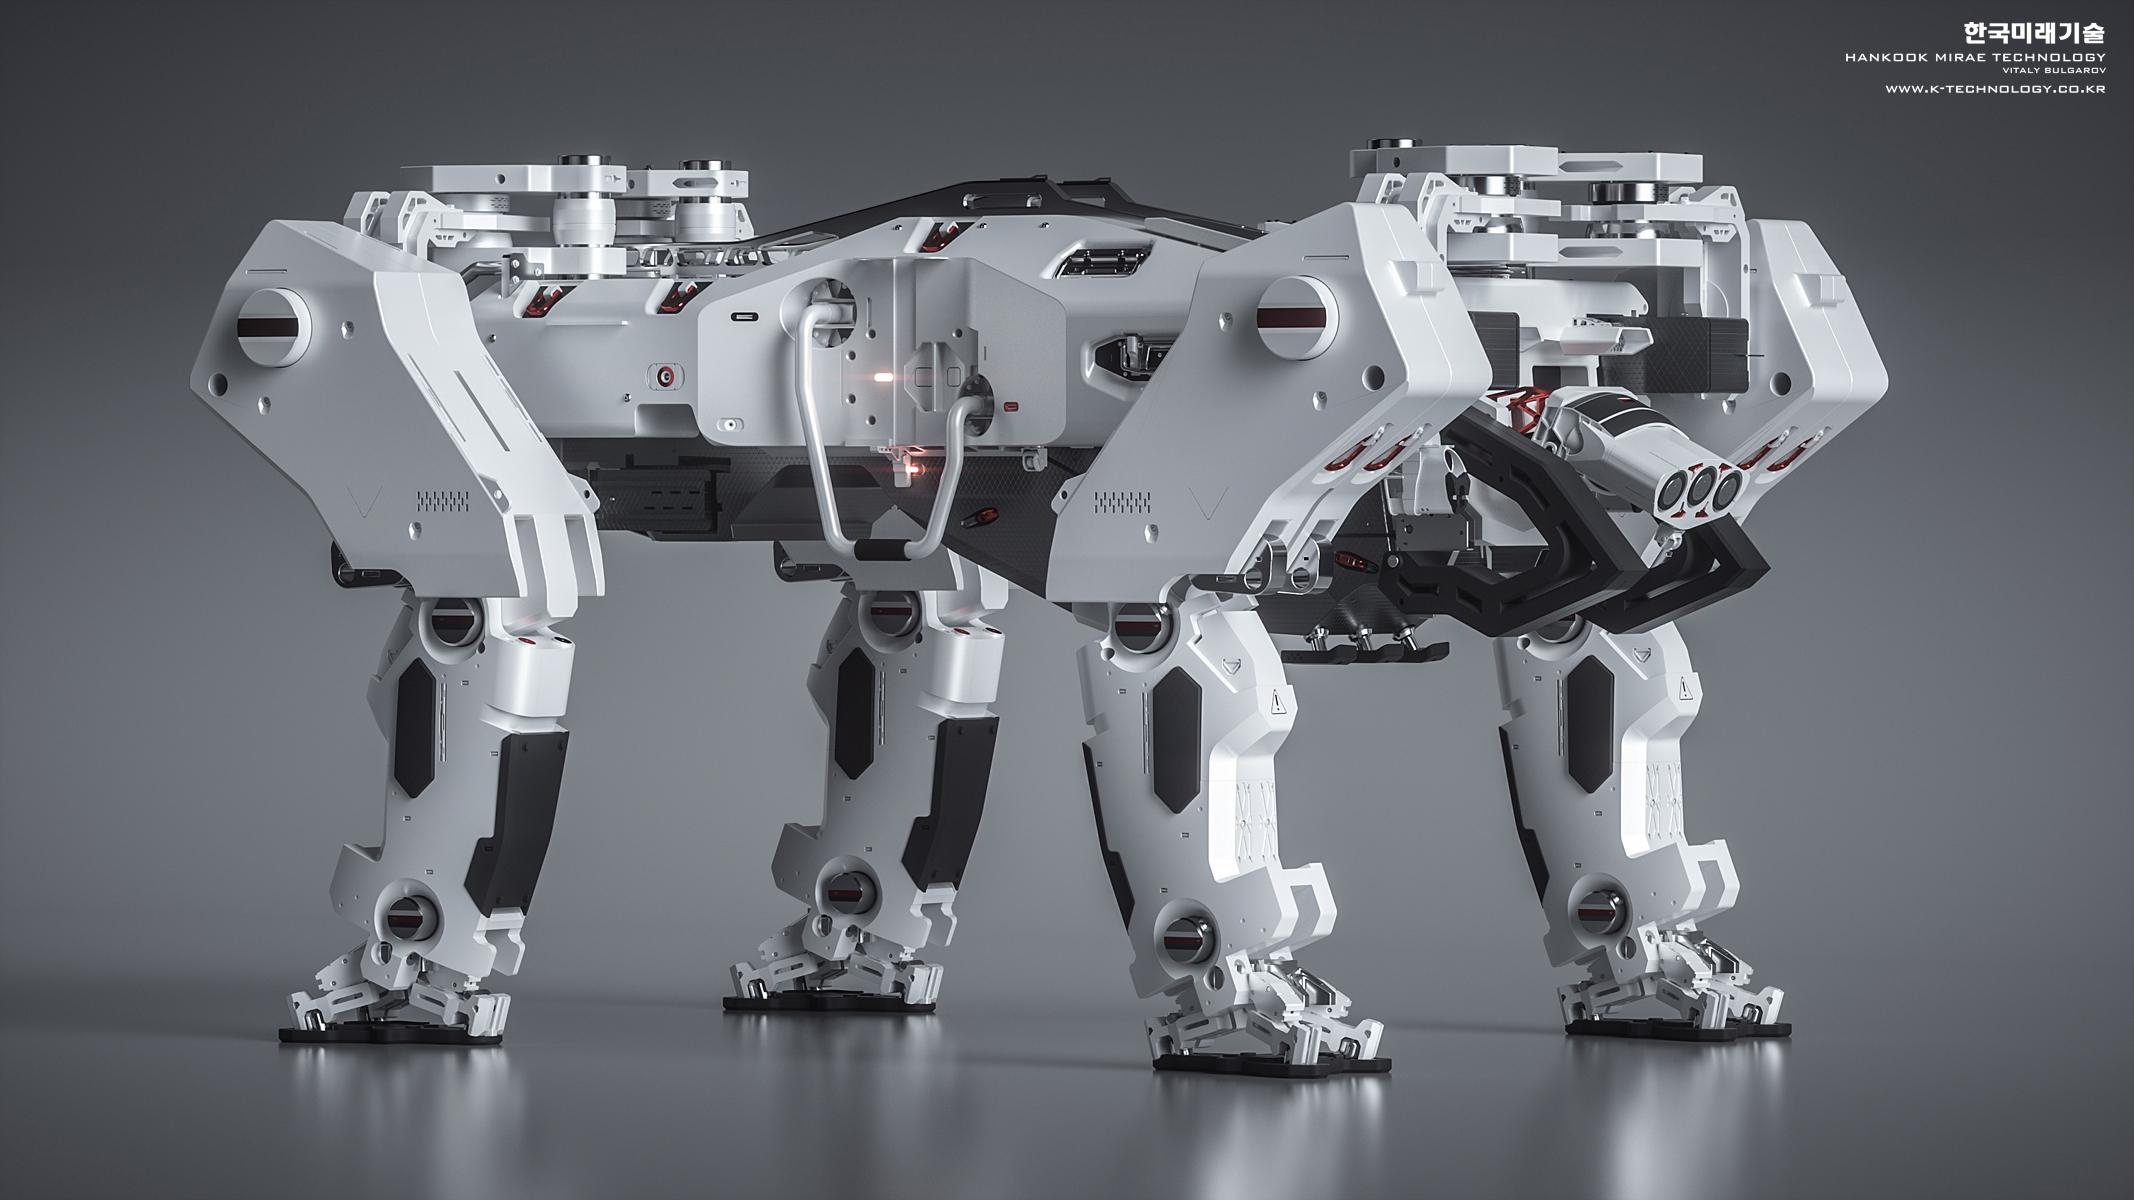 07_KFT_4LeggedRobot_FullView_02.jpg